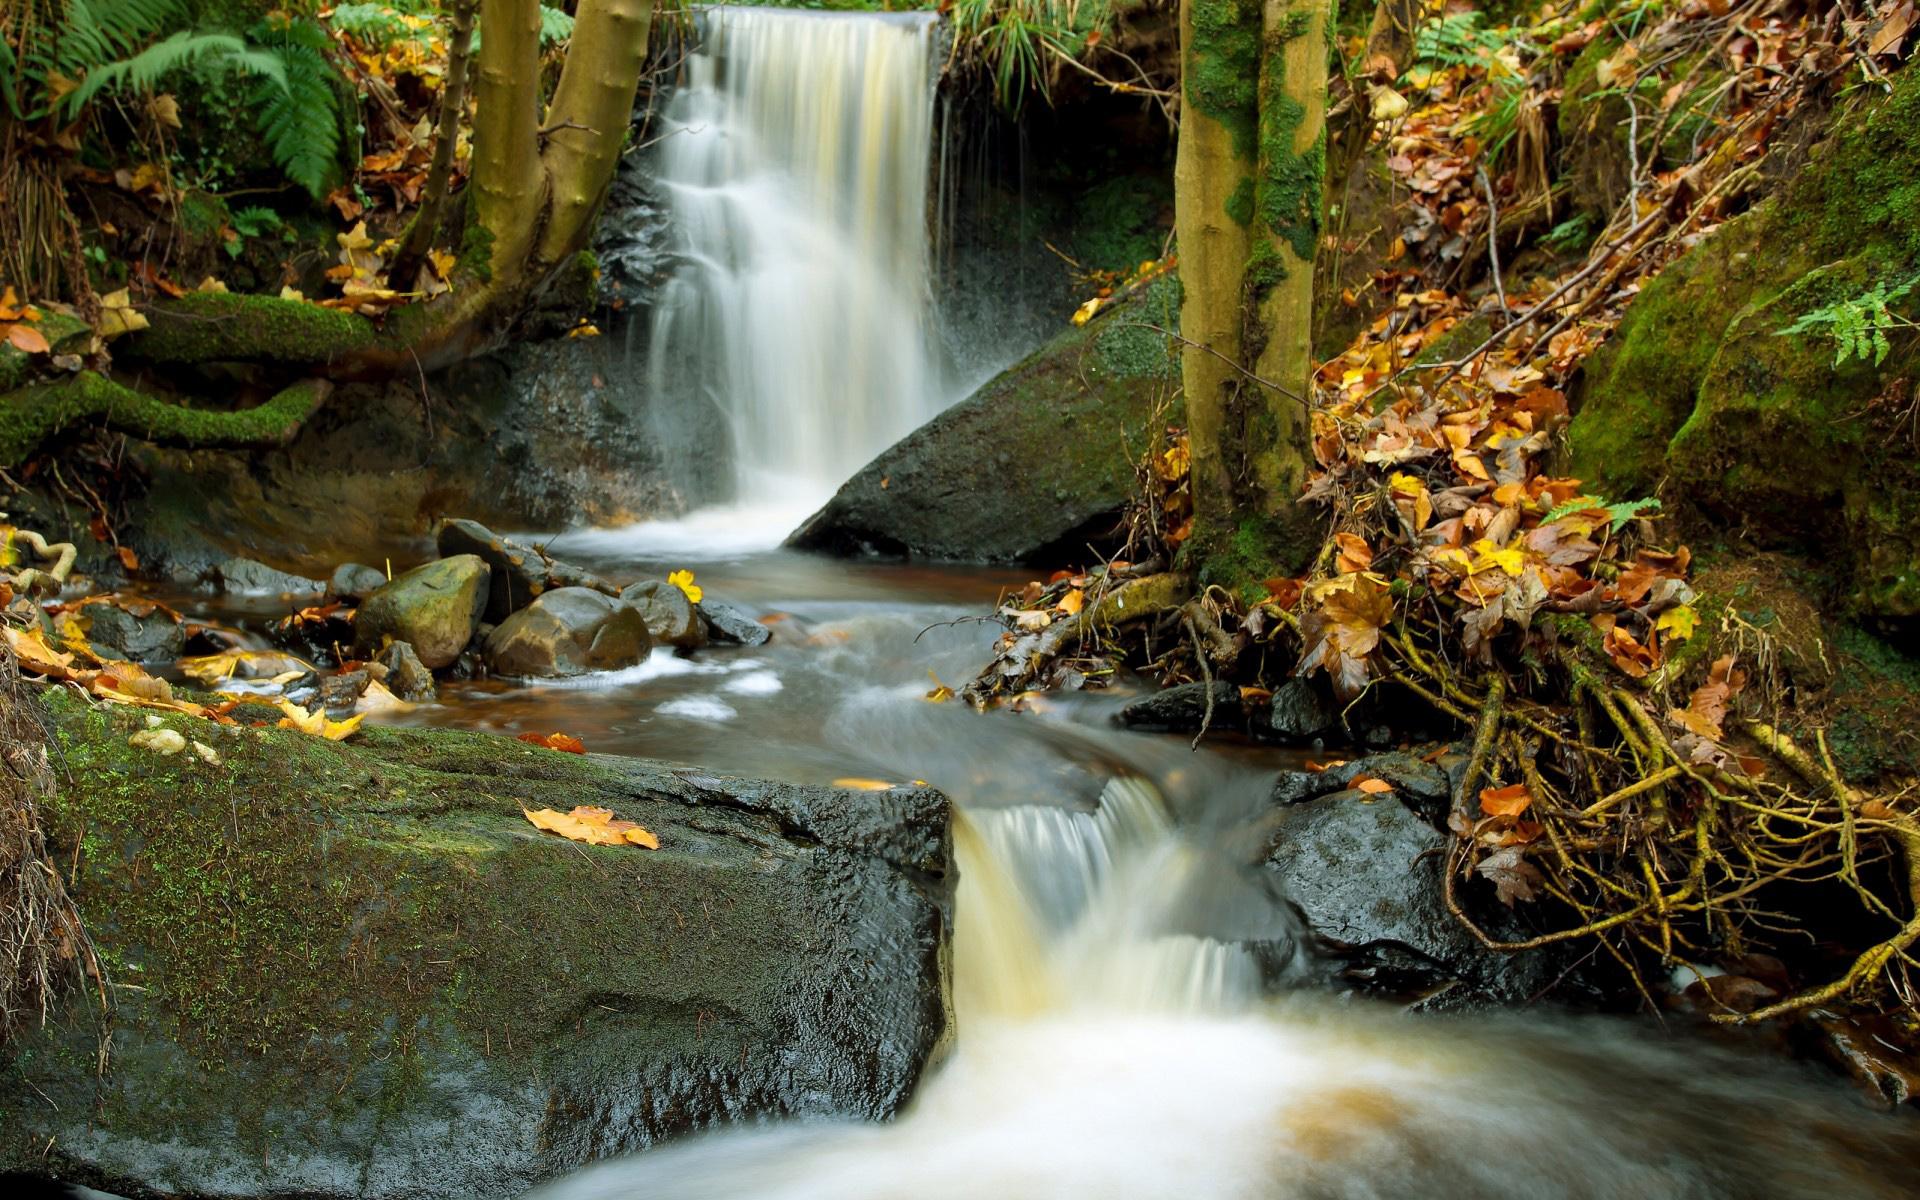 водопад, брызги, камни